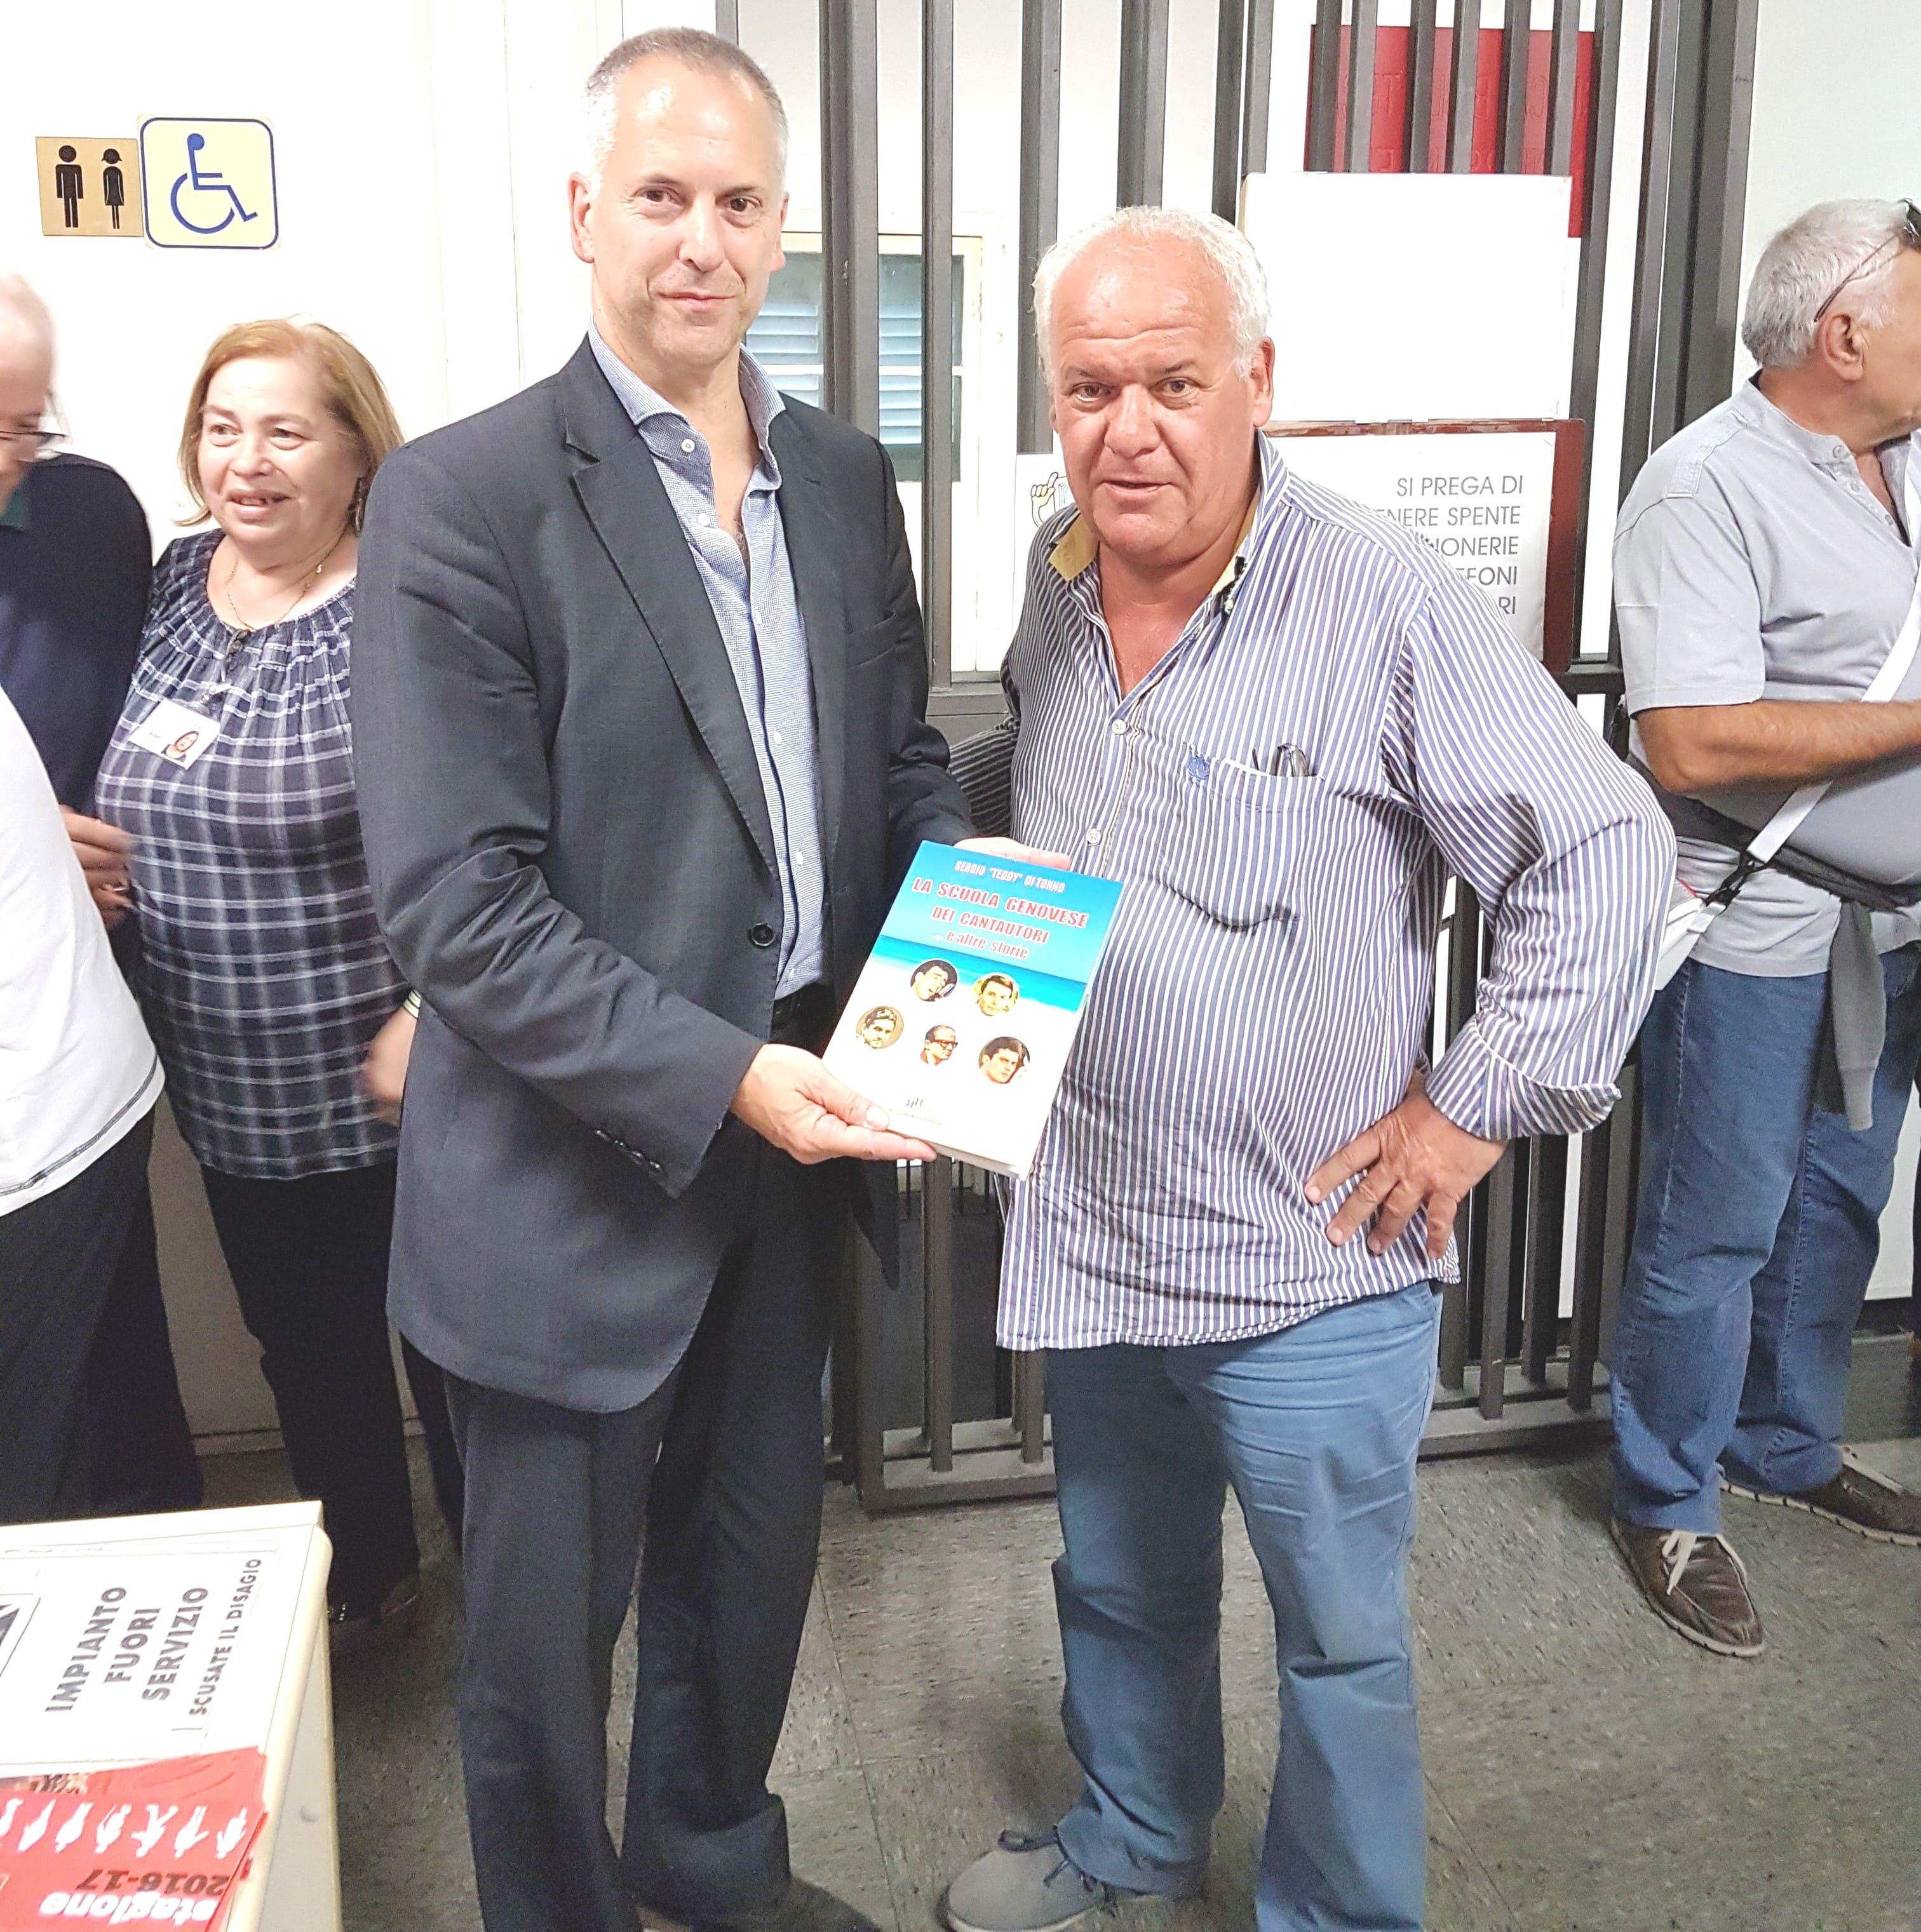 GENOVA: inaugurata la biblioteca Pier Santelli